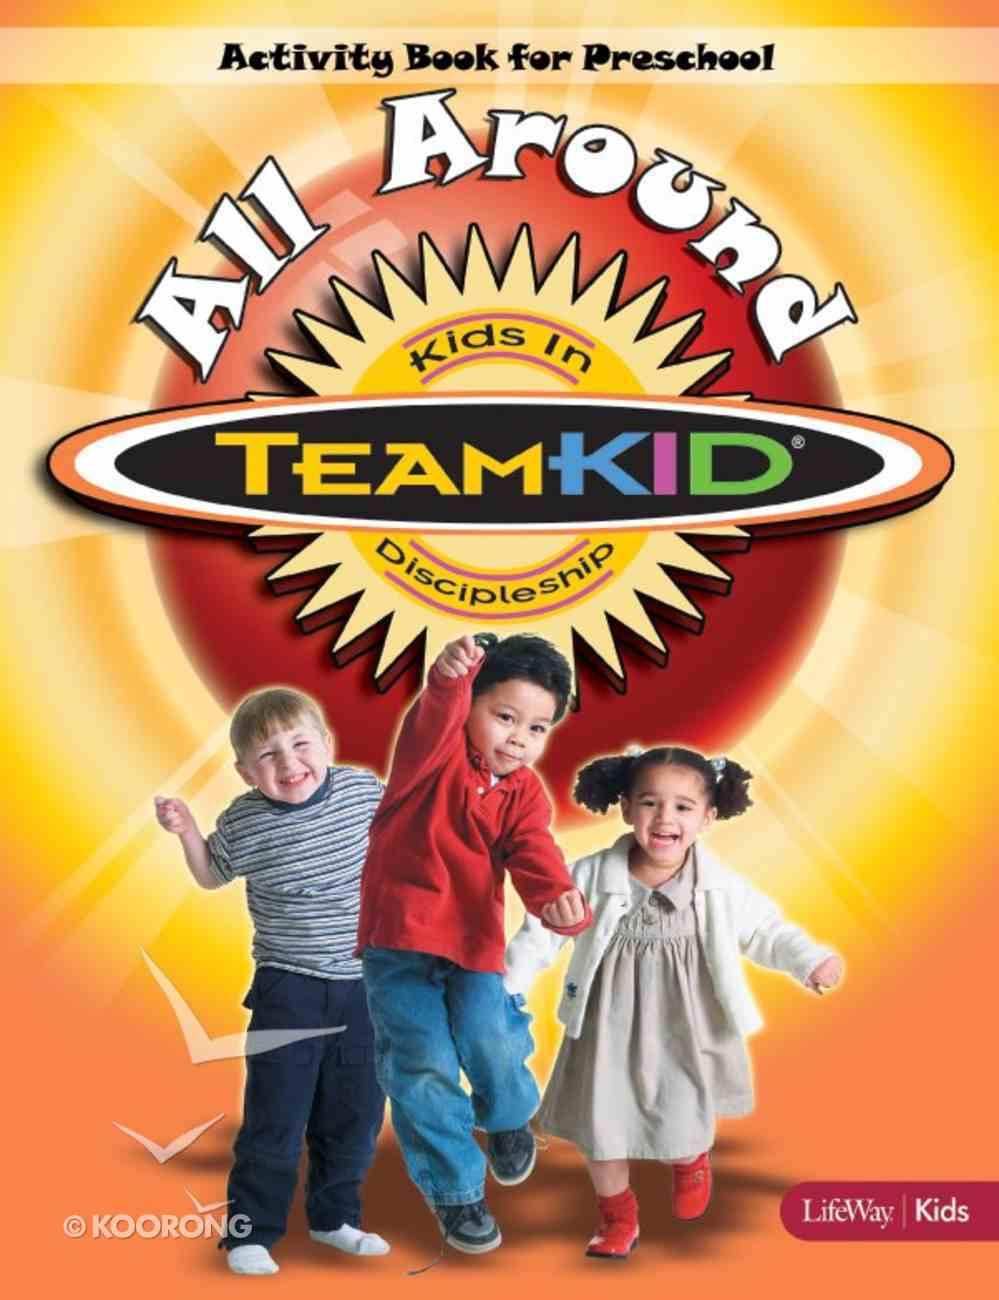 All Around Activity Book (Teamkid Series) Paperback